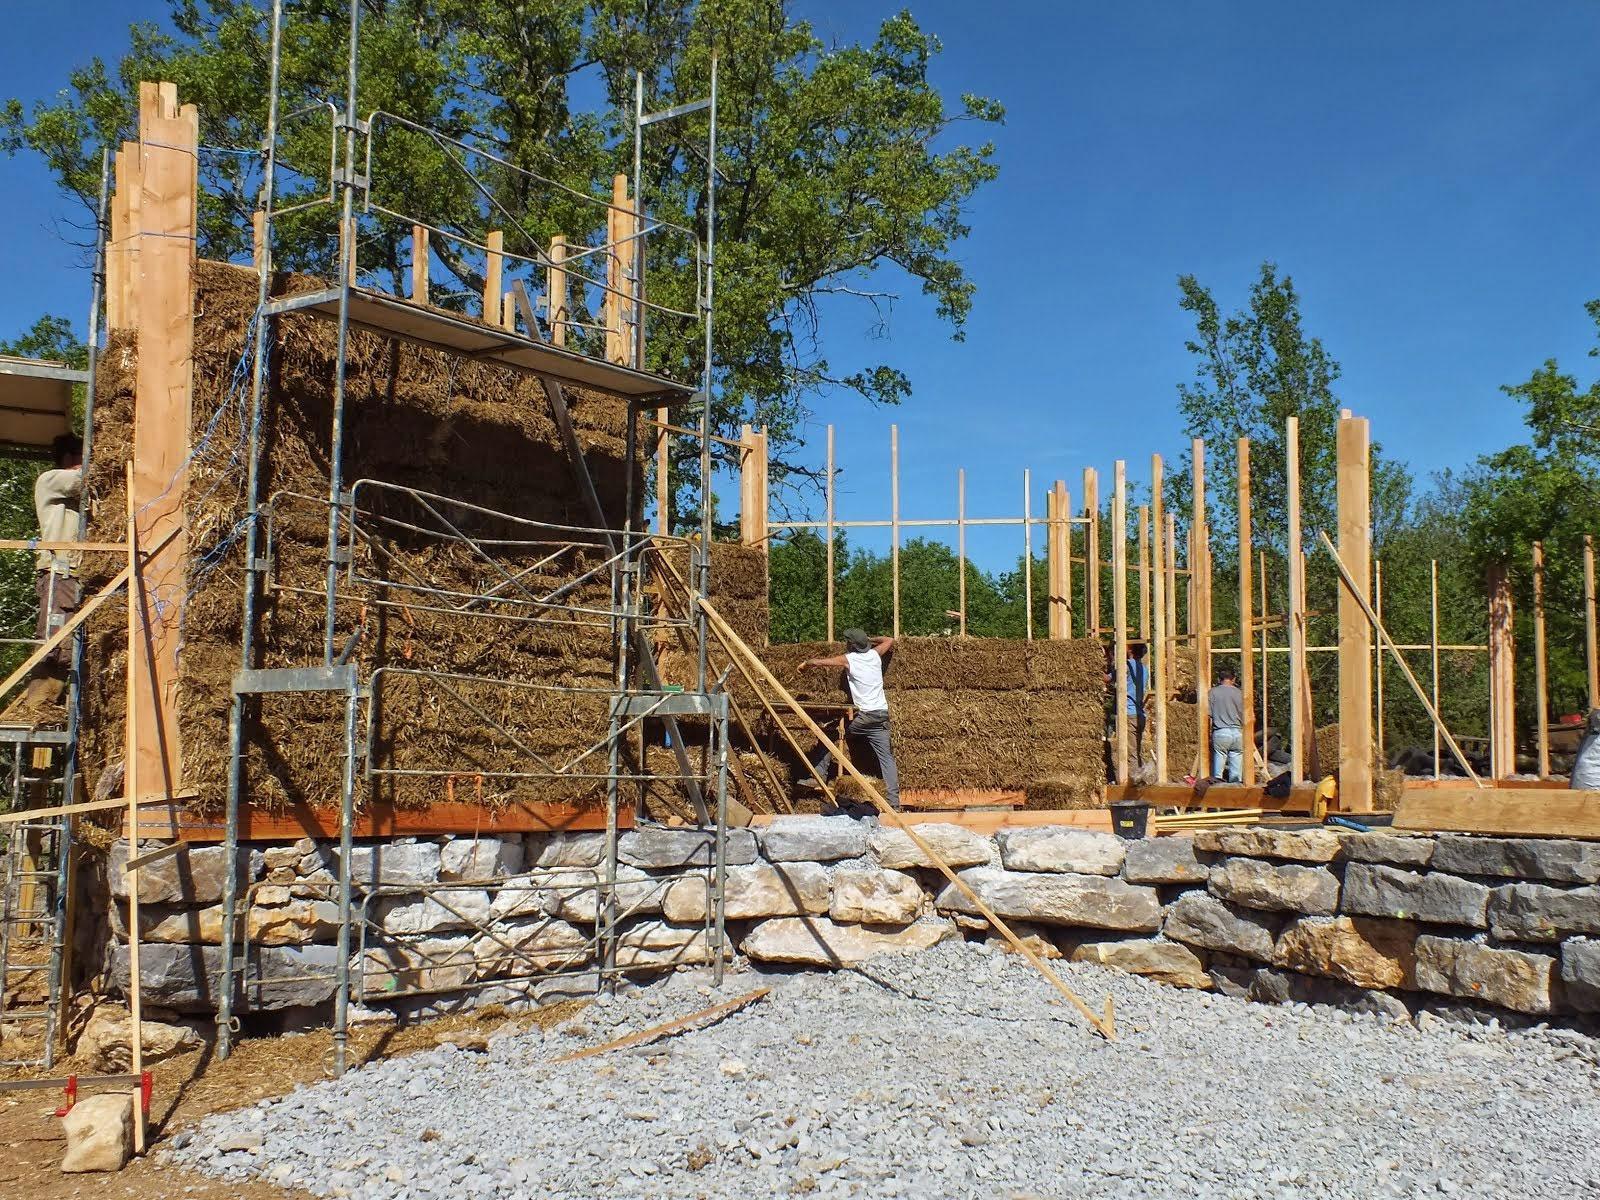 Construire une maison ecologique pas cher financer for Construire une maison le moins cher possible